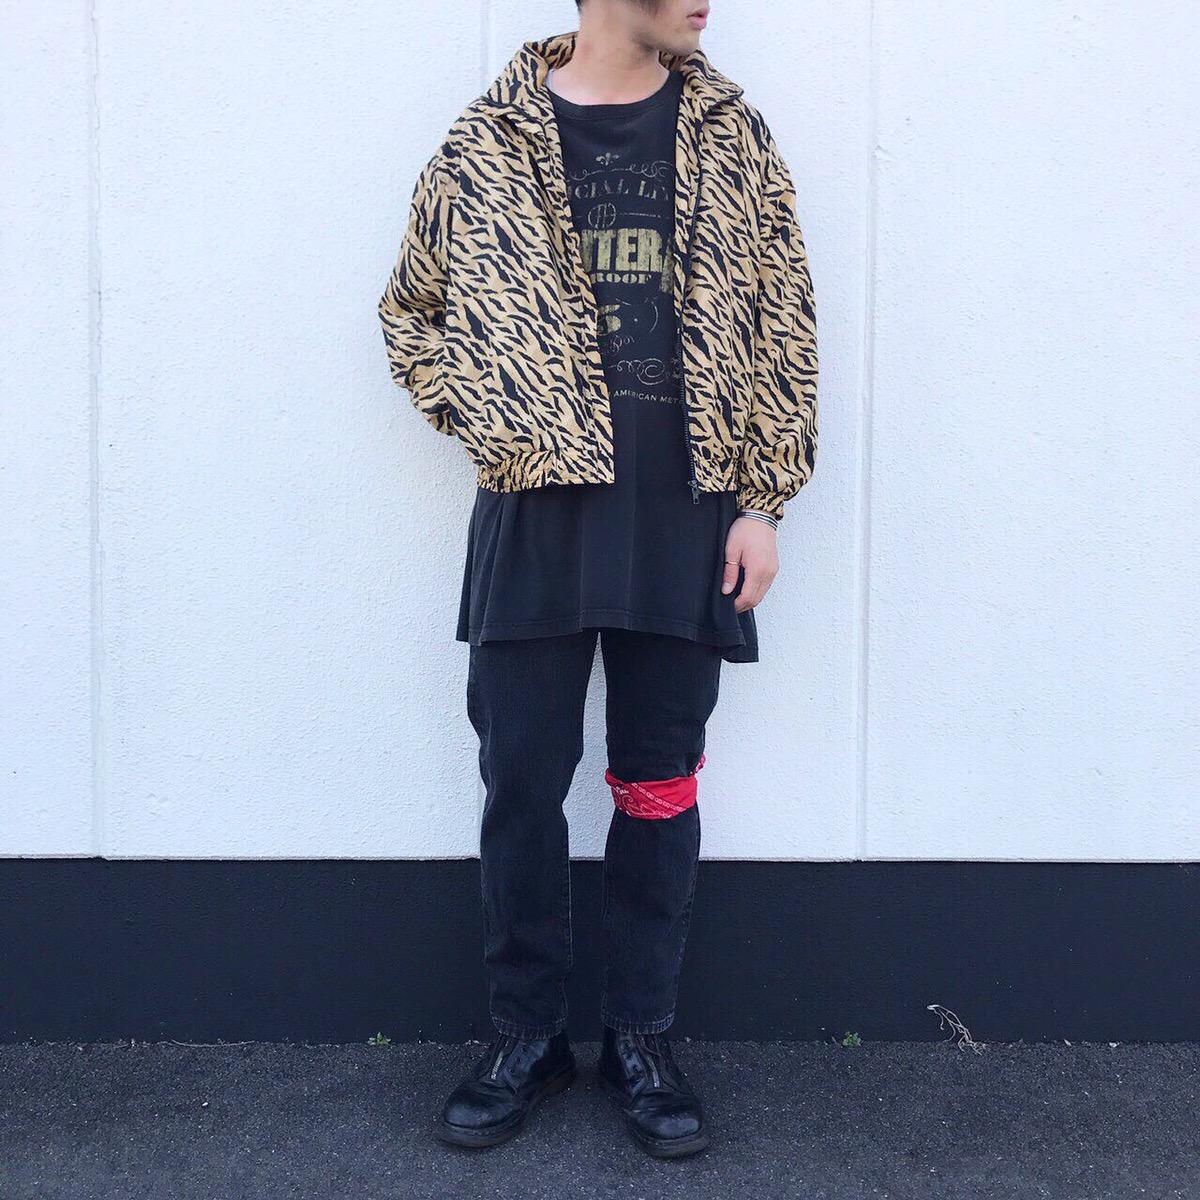 2019年9月17日 | ド派手なトラ柄ナイロンジャケットが主役のロックスタイル